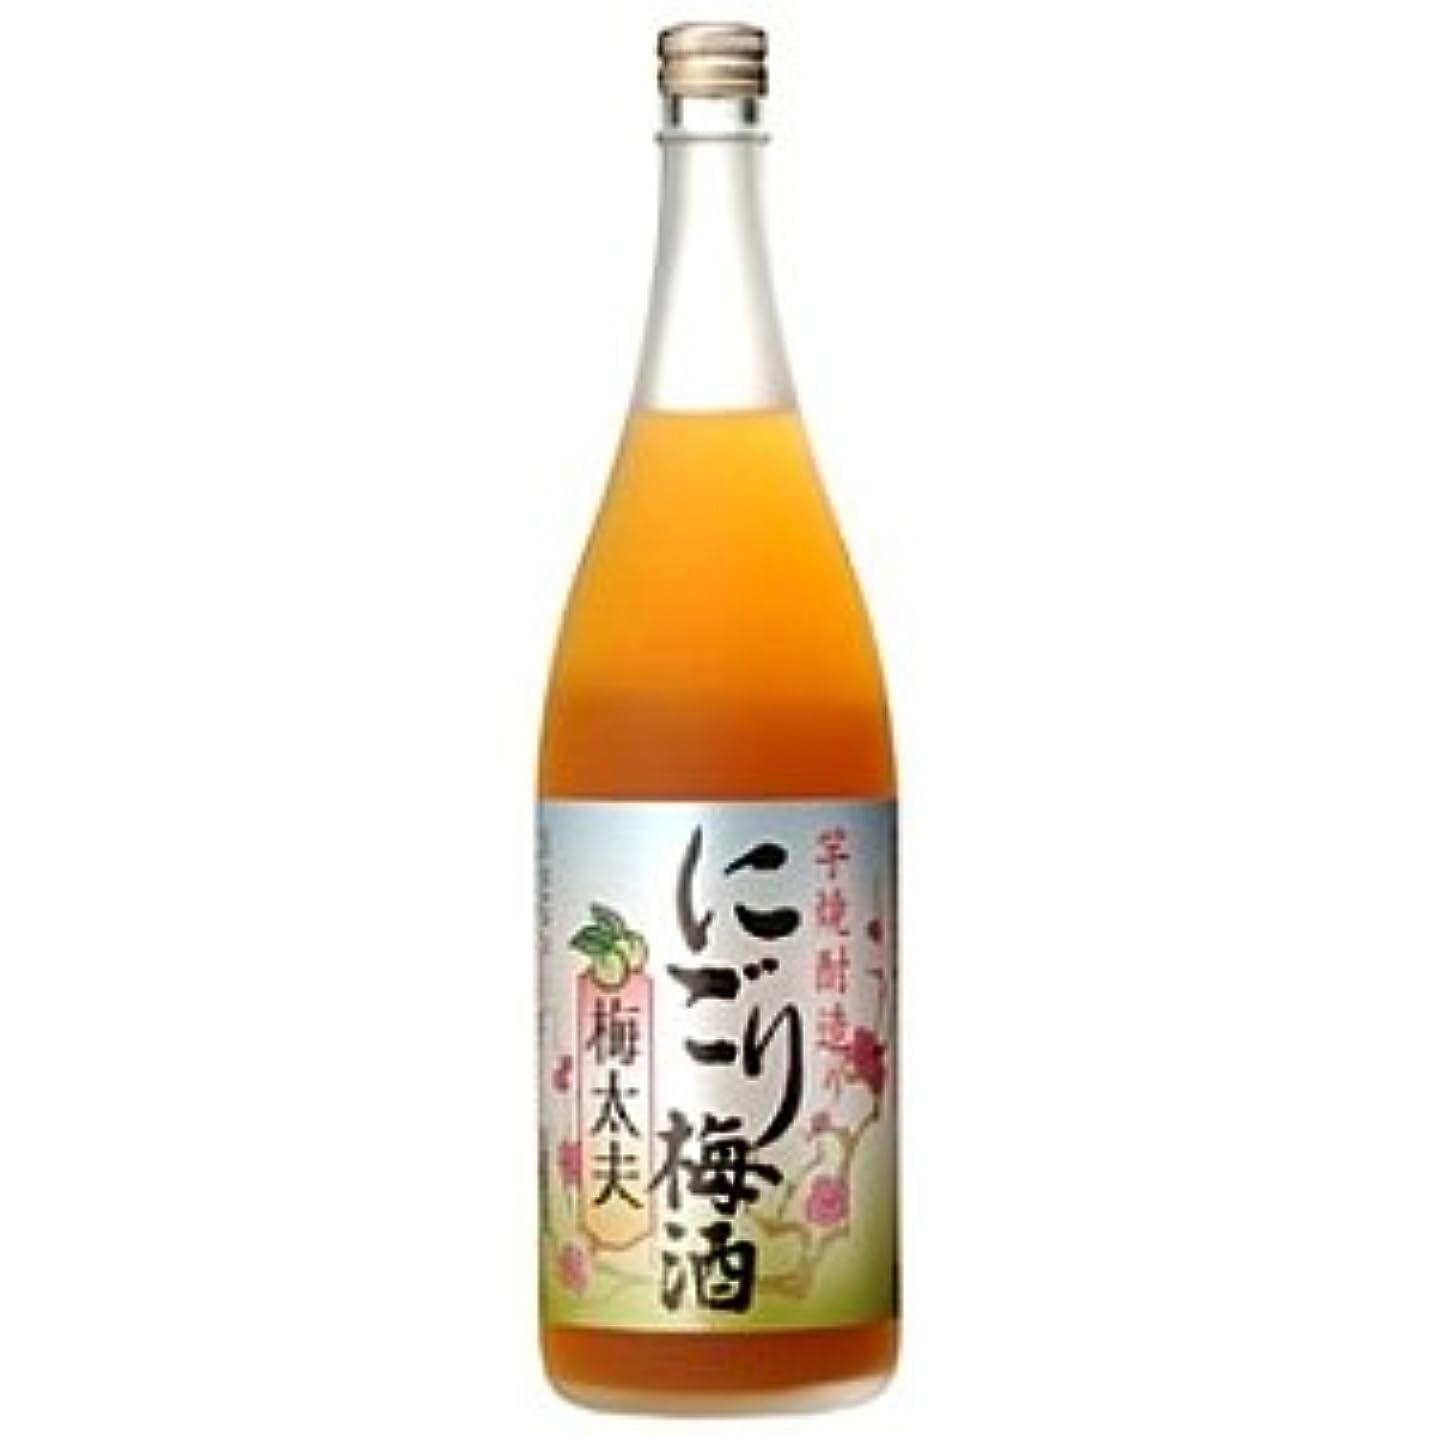 歯科医ドル質量山元酒造 にごり梅酒 梅太夫 1.8L 6本 (1ケース)